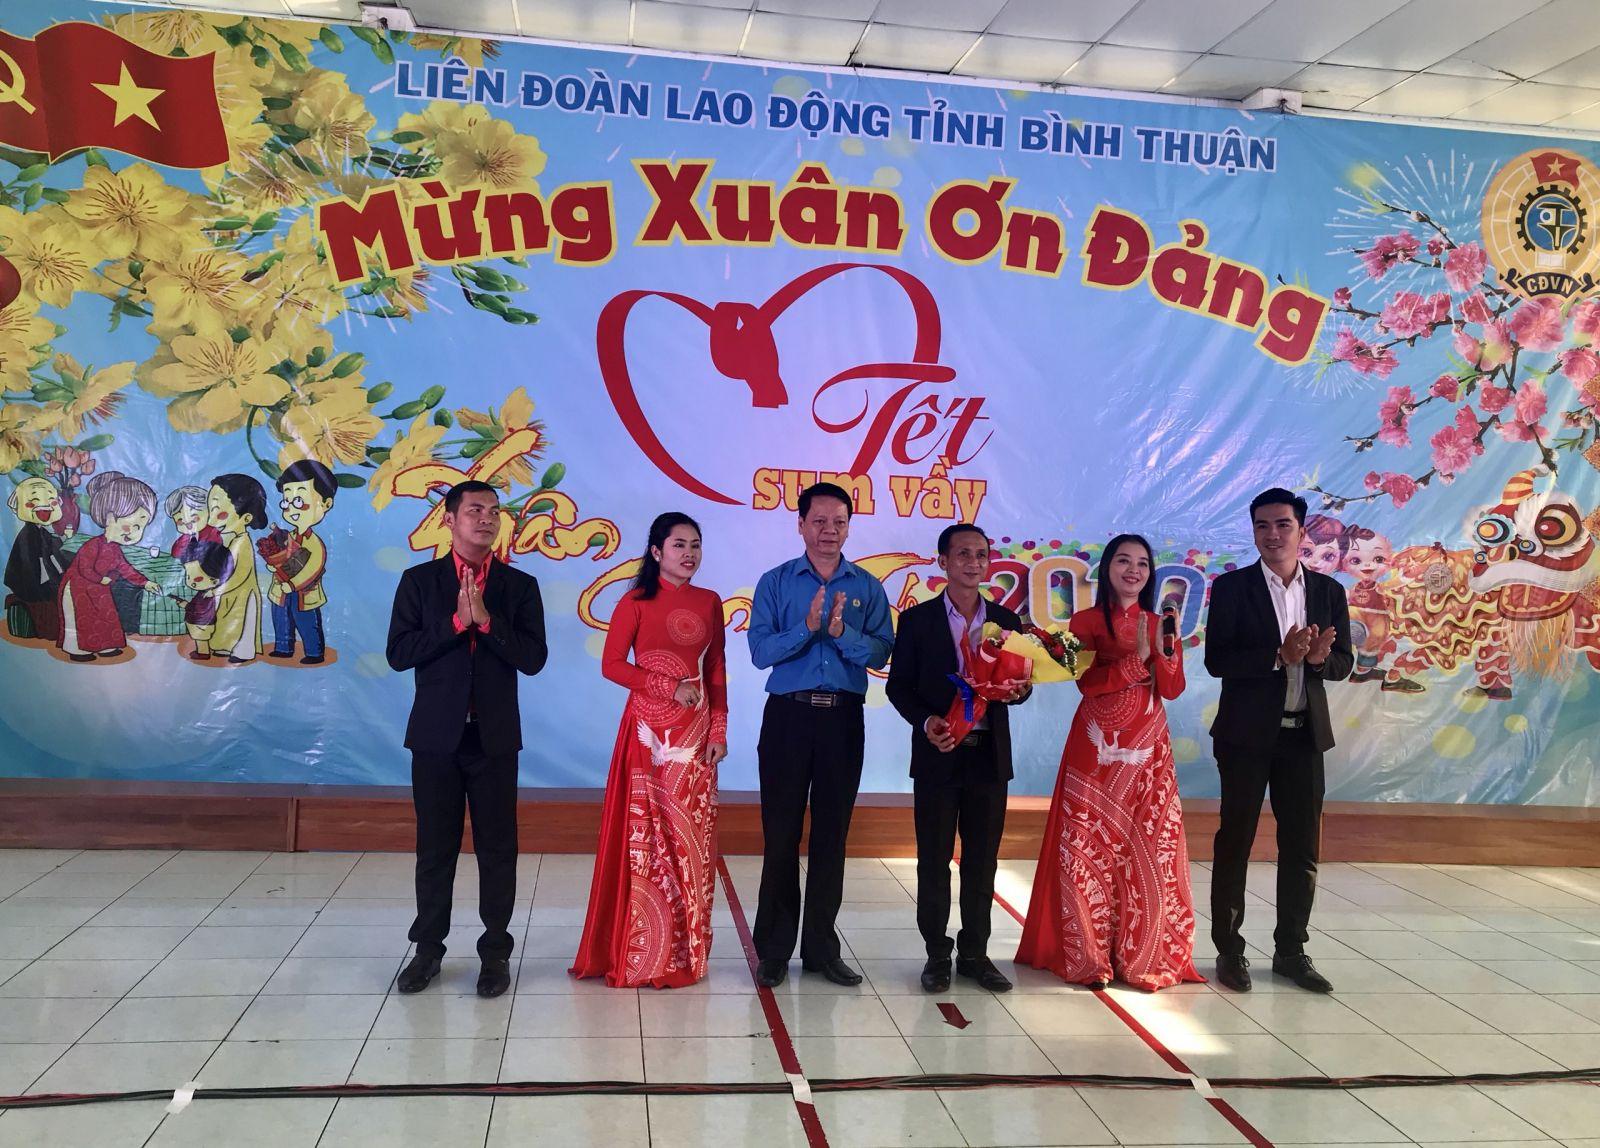 Hình Liên đoàn Lao động tỉnh trao quà Tết cho công nhân lao động tại Khu Công nghiệp Phan Thiết